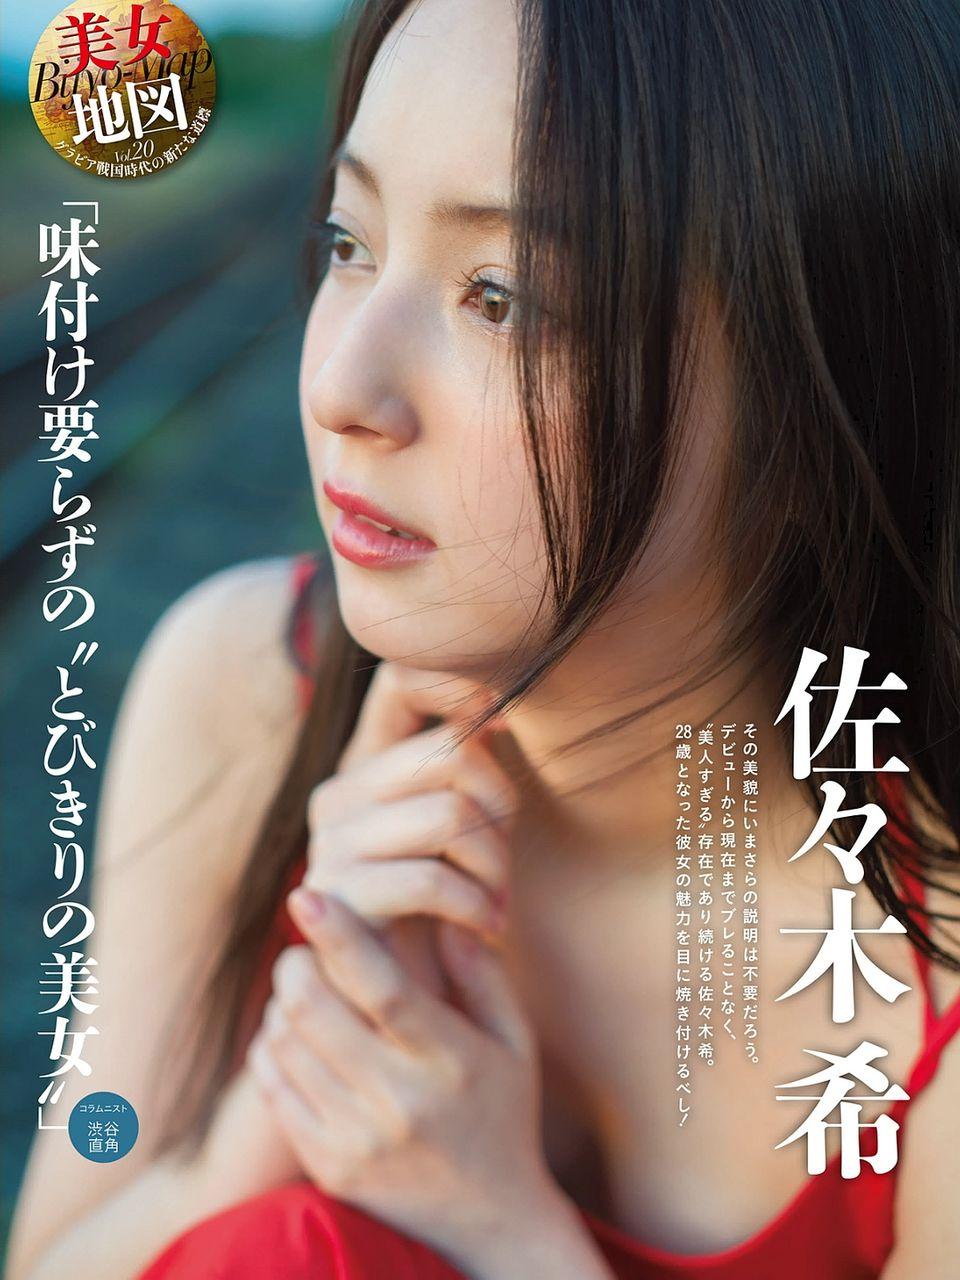 【エンタメ画像】佐々木希ちゃんは芸能界一美女だと思うんだ!!!グラビア画像